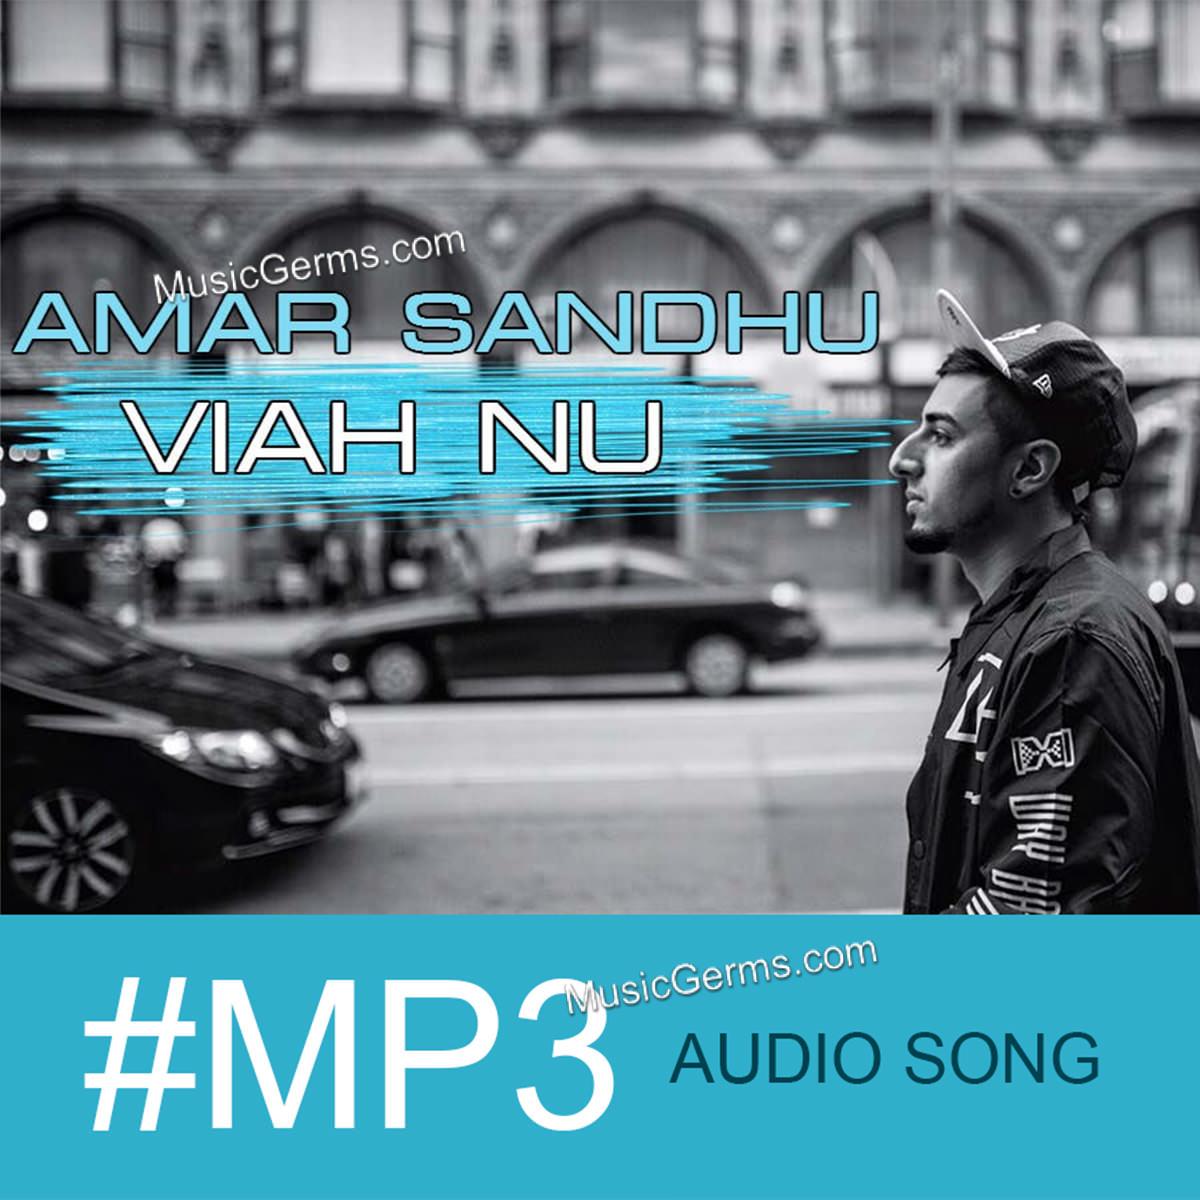 Viah Nu (Diwali Aa) Mp3 Full Song Download by Amar Sandhu Free